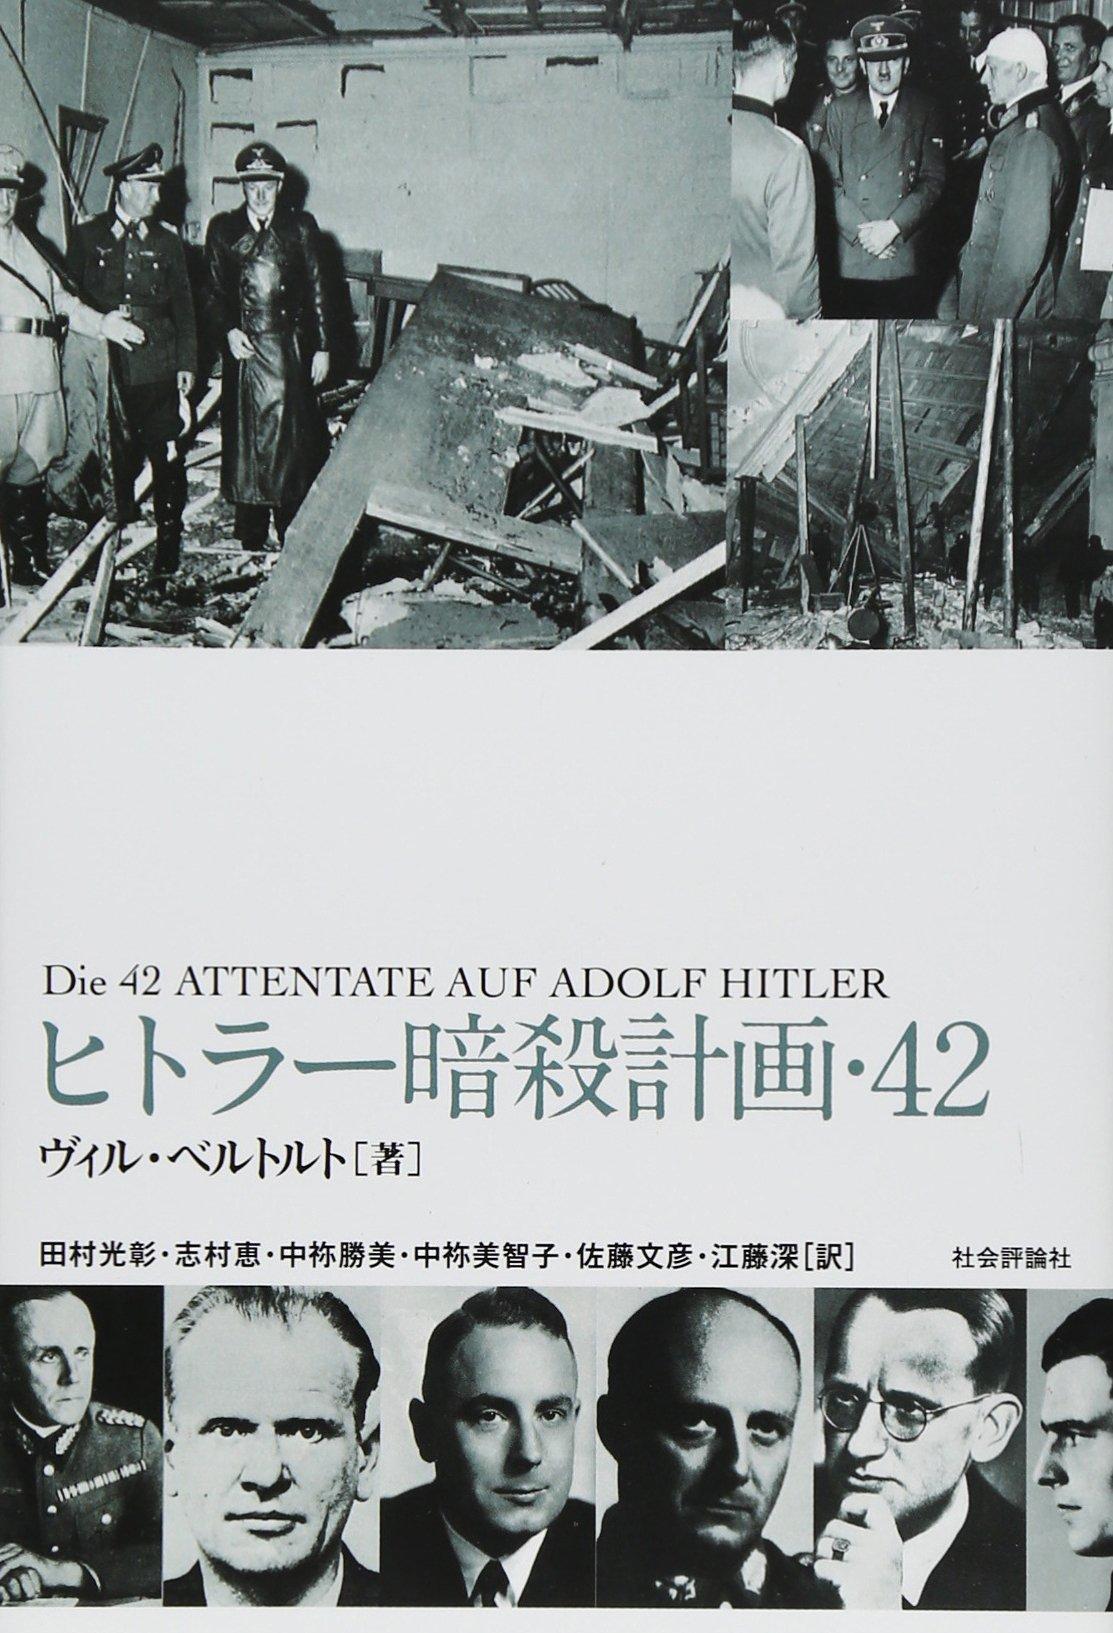 ヒトラー暗殺計画・42 | ヴィル・ベルトルト, 田村 光彰, 志村 恵, 中 ...